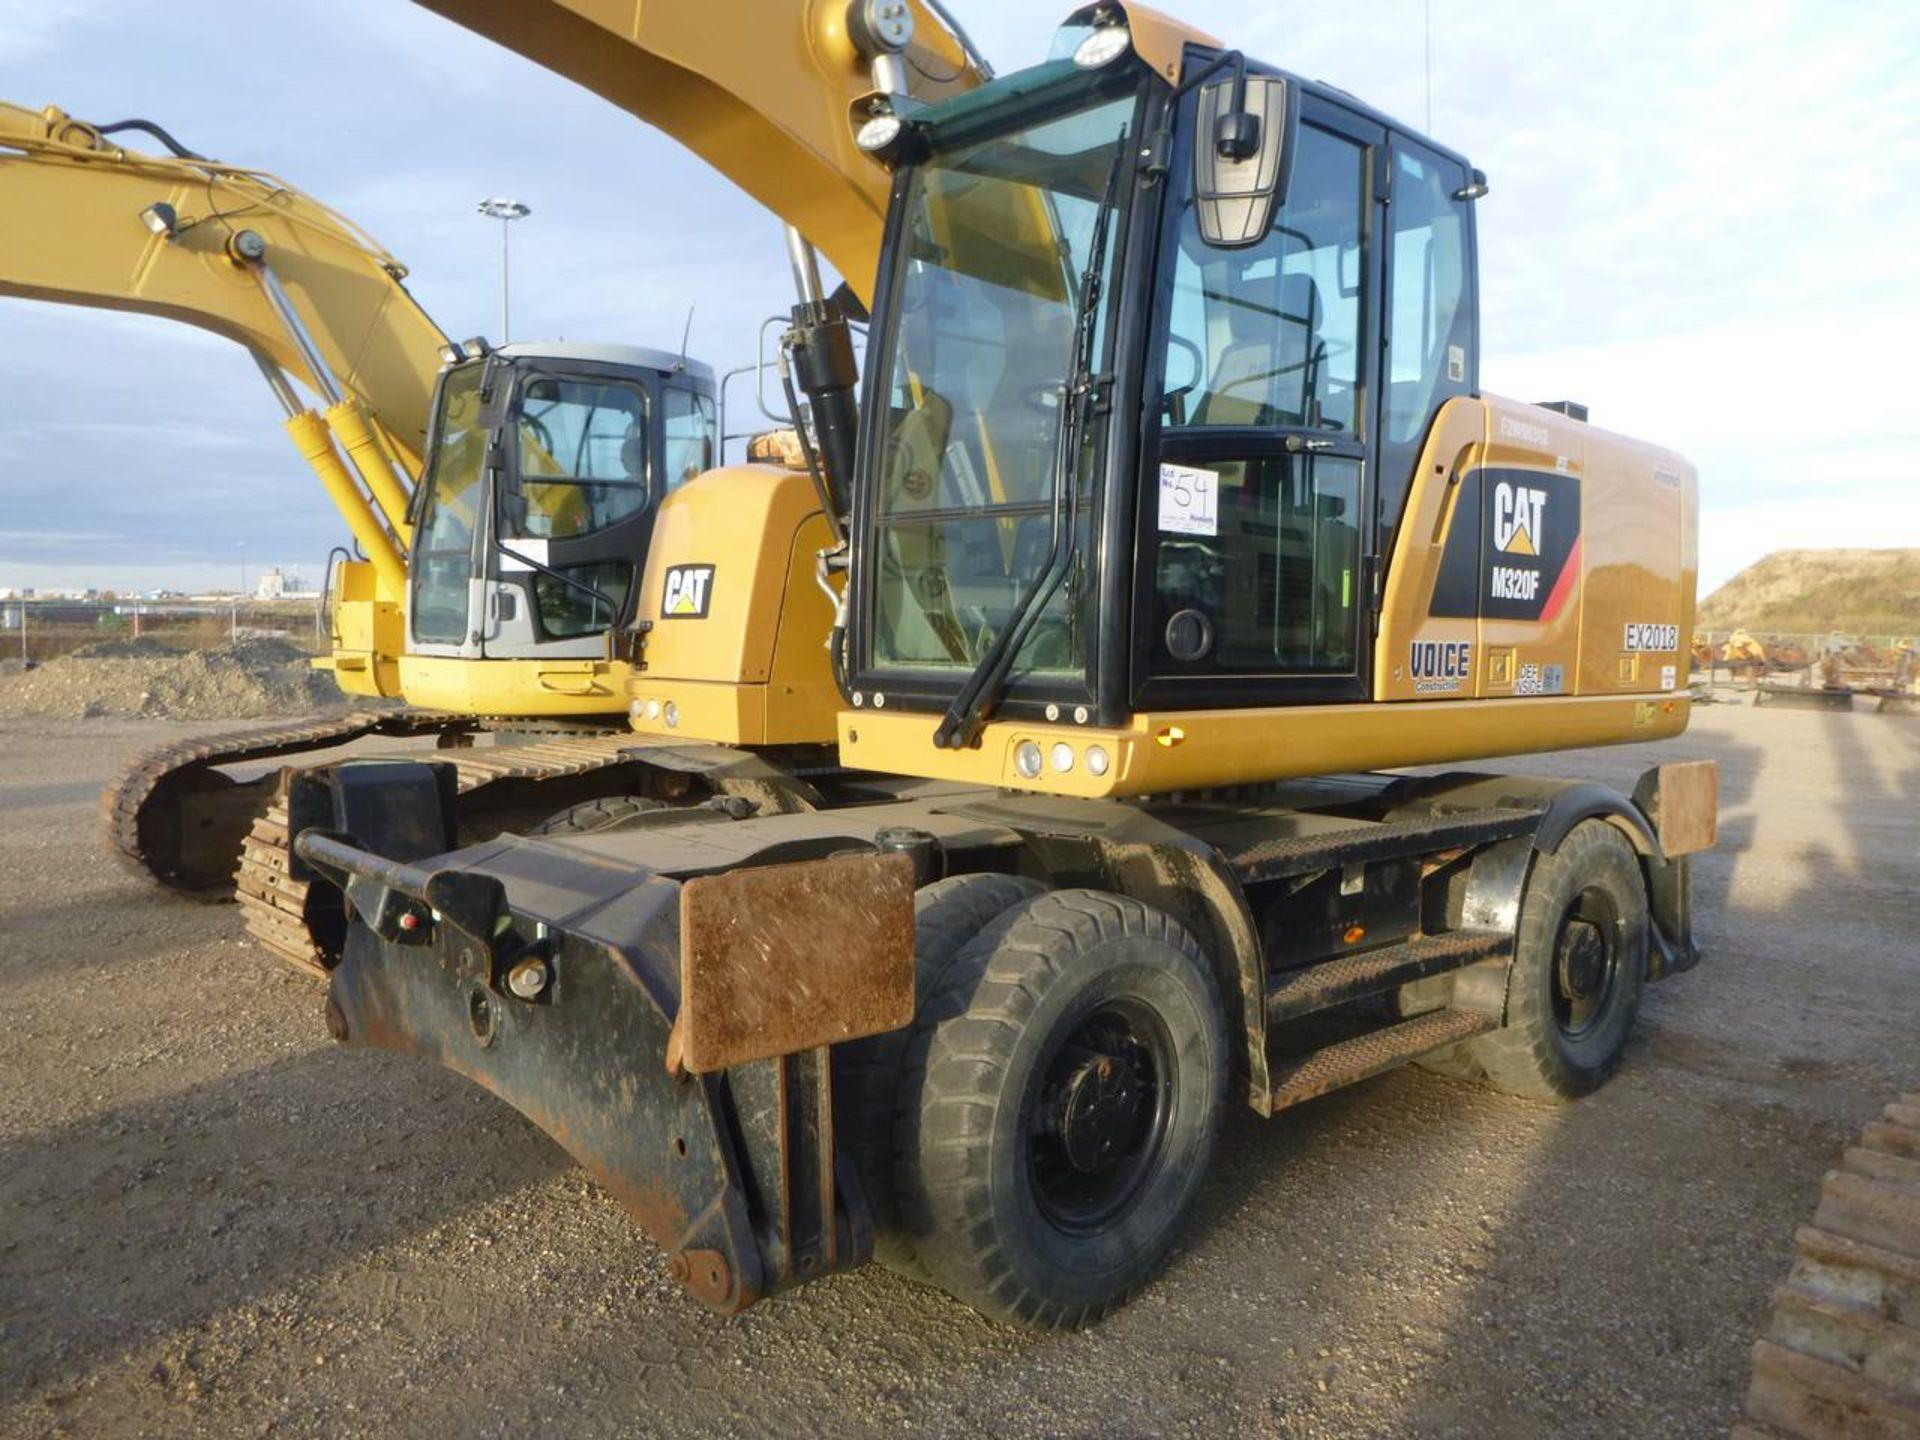 2015 Caterpillar M320F Wheel Excavator - Image 2 of 18